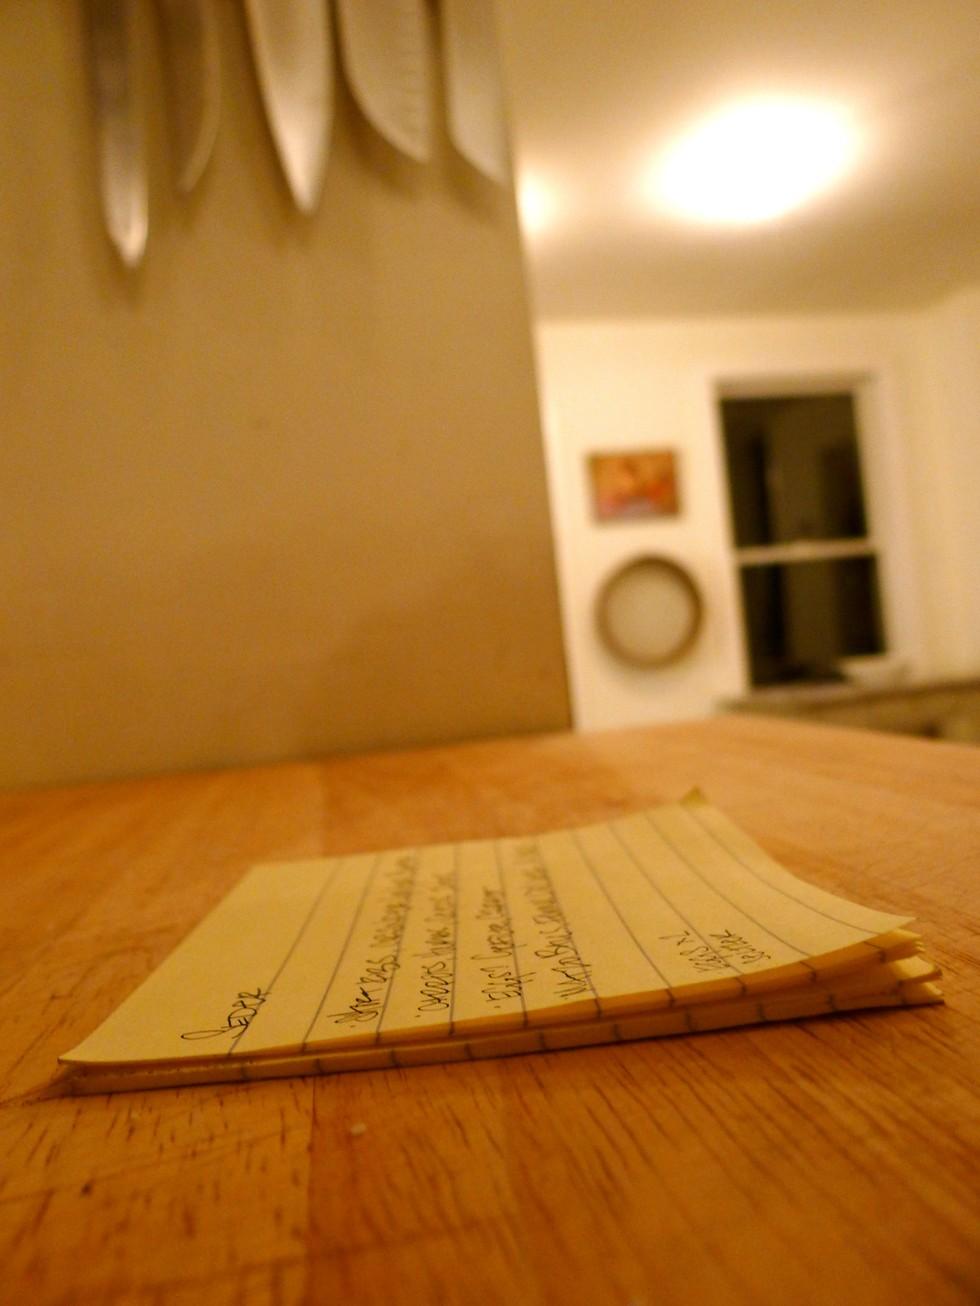 Paper Seder